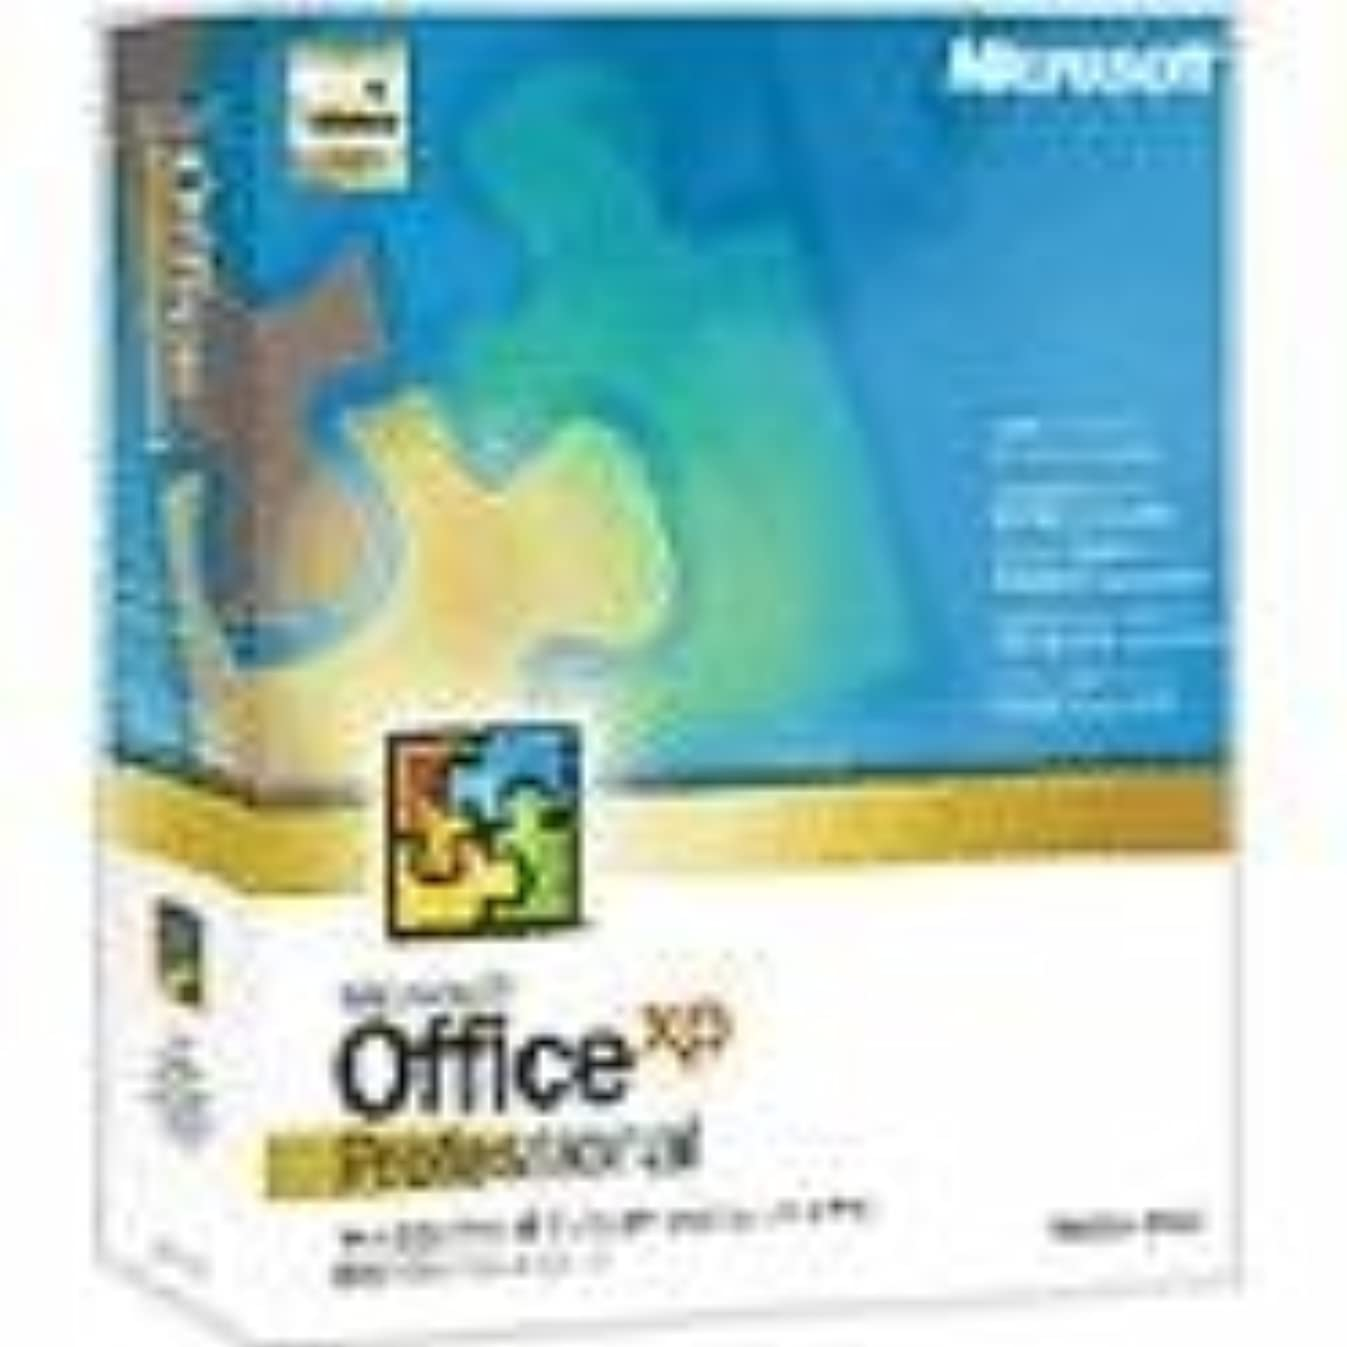 同情的誤って違法【旧商品/サポート終了】Office XP Professional